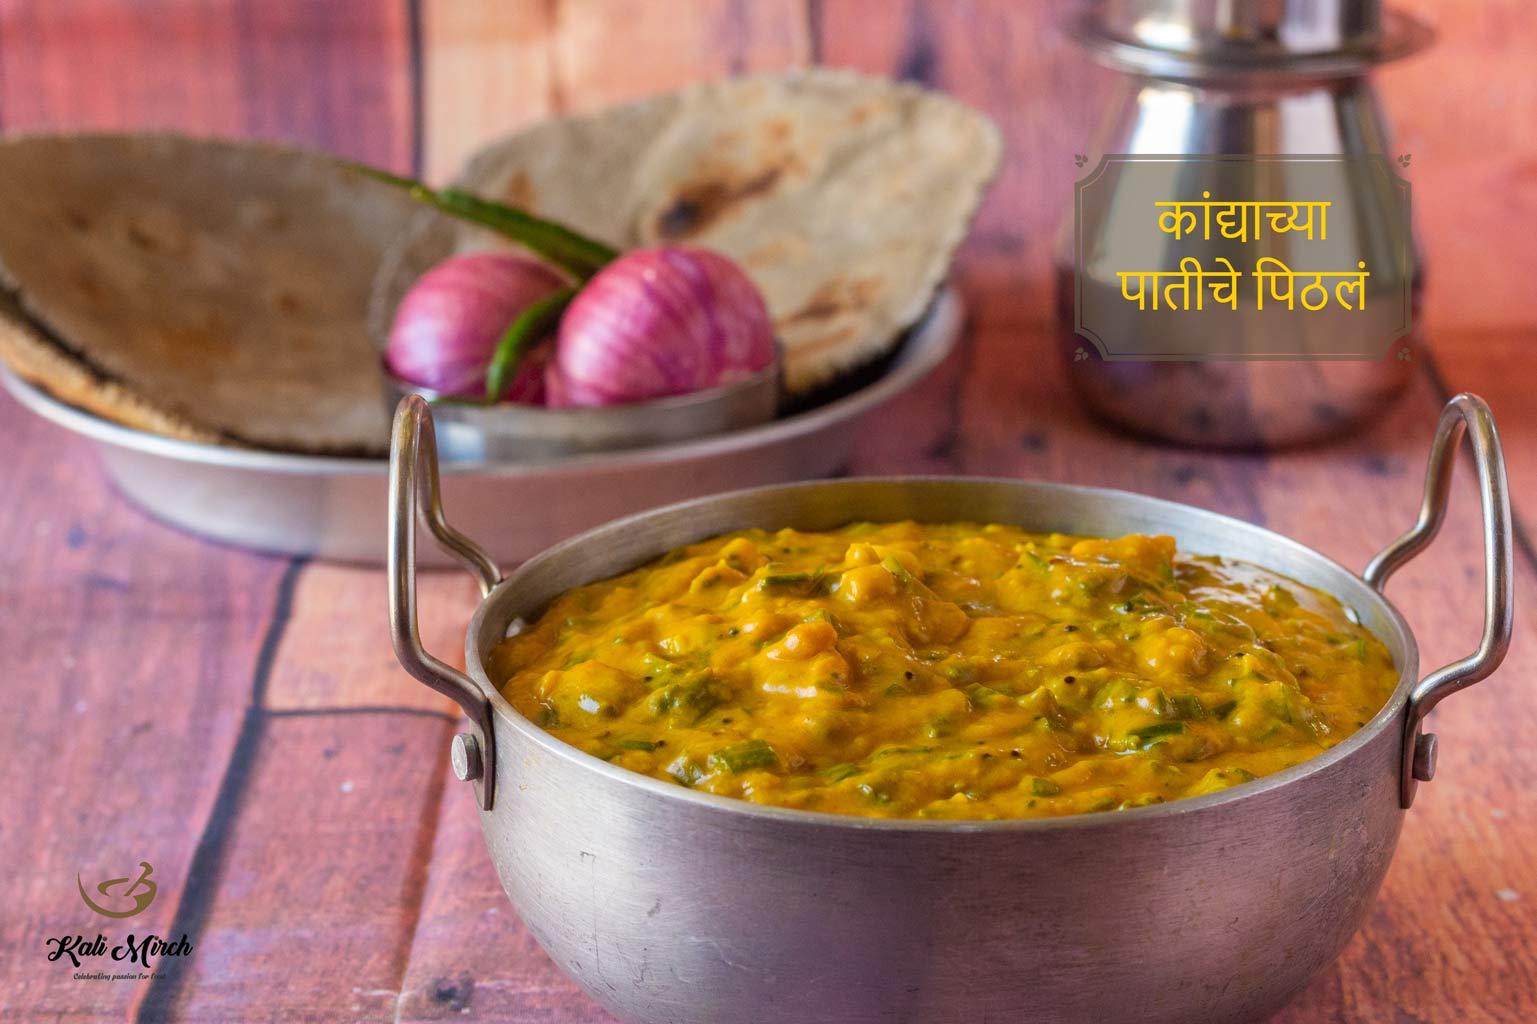 Kandyachya Paticha Pithla